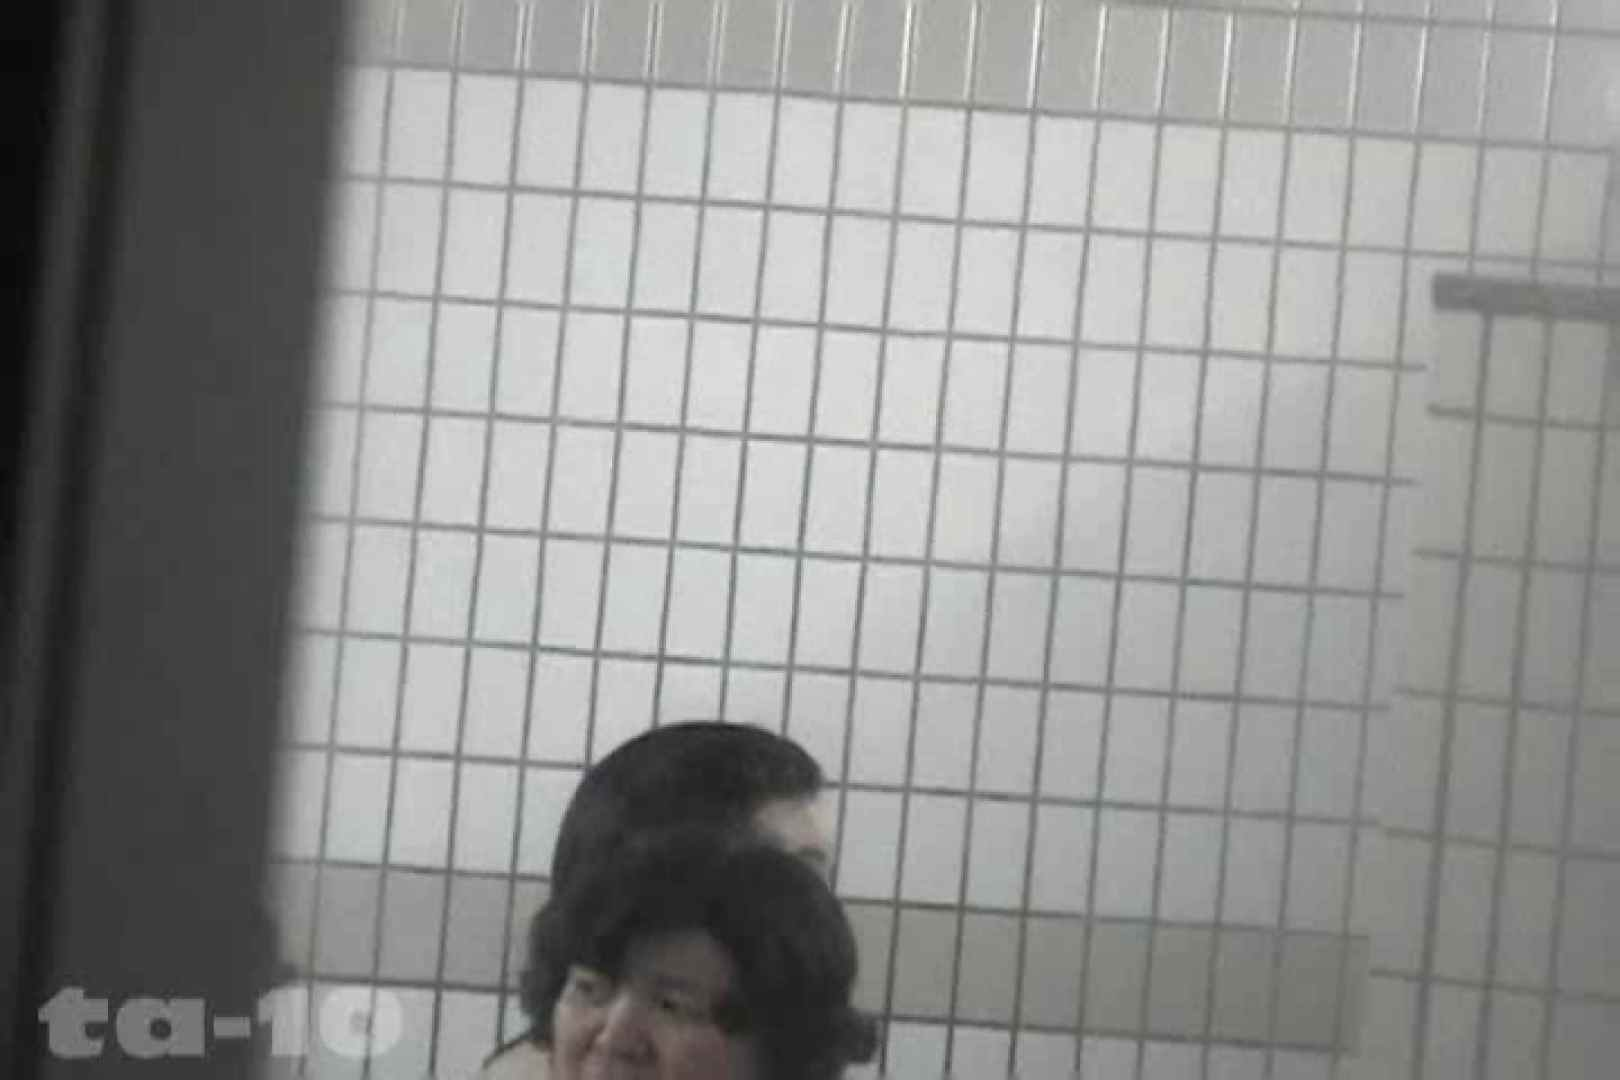 合宿ホテル女風呂盗撮高画質版 Vol.10 高画質 ヌード画像 58画像 27